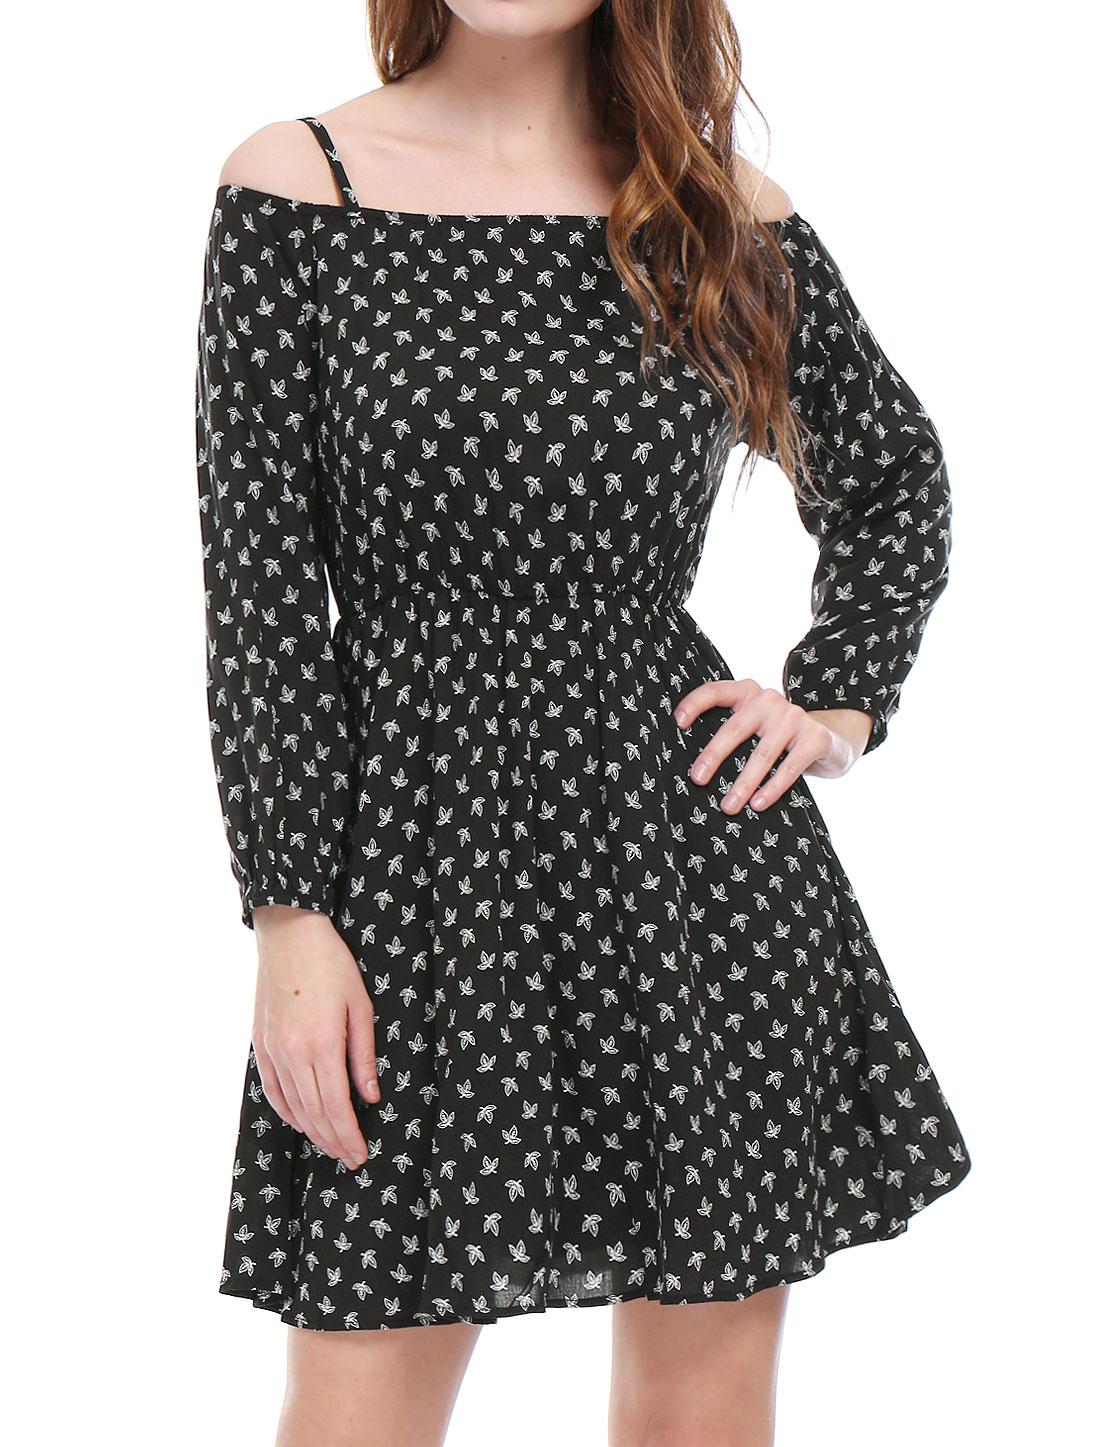 Ladies Cold Shoulder Long Sleeves Leaves Prints Casual Dress Black S